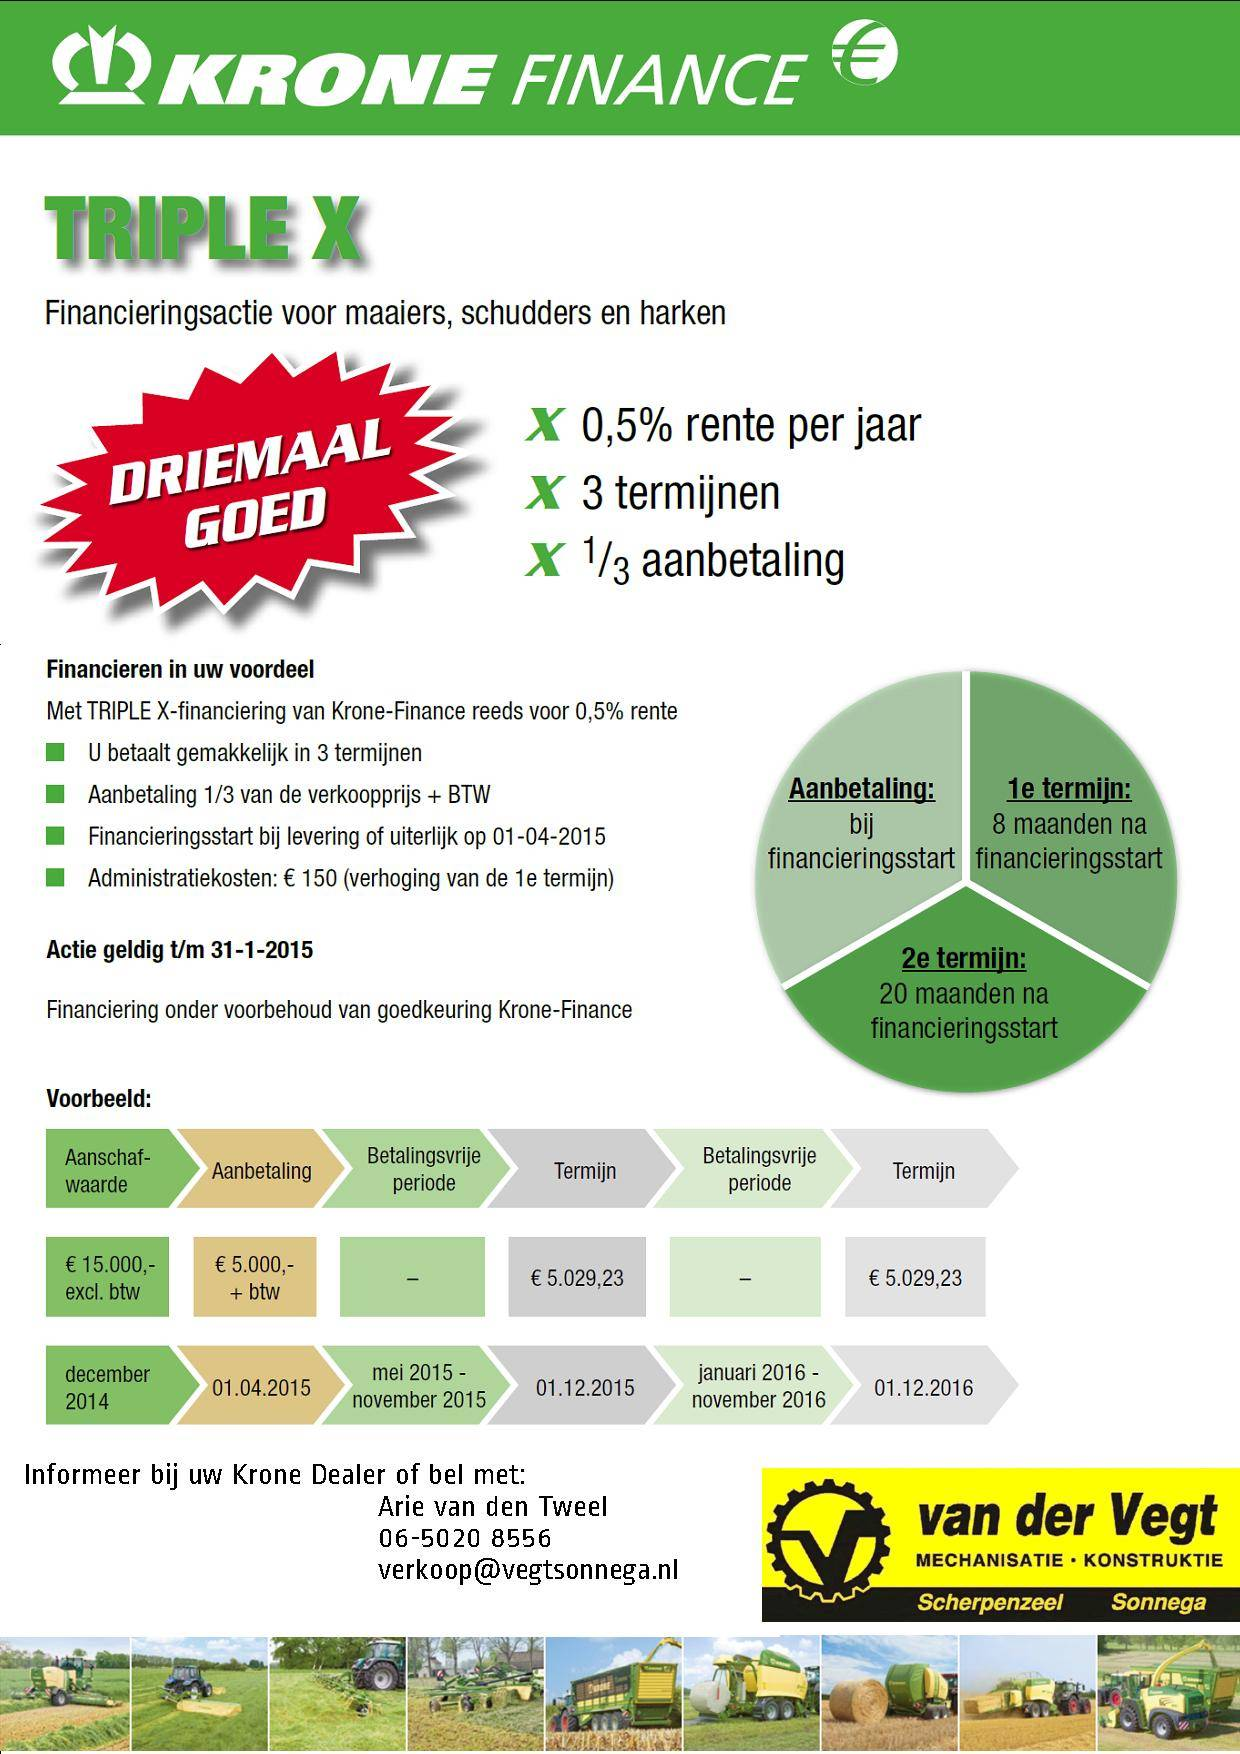 Krone Triple-X financieringsactie, 2014-2015_vegt